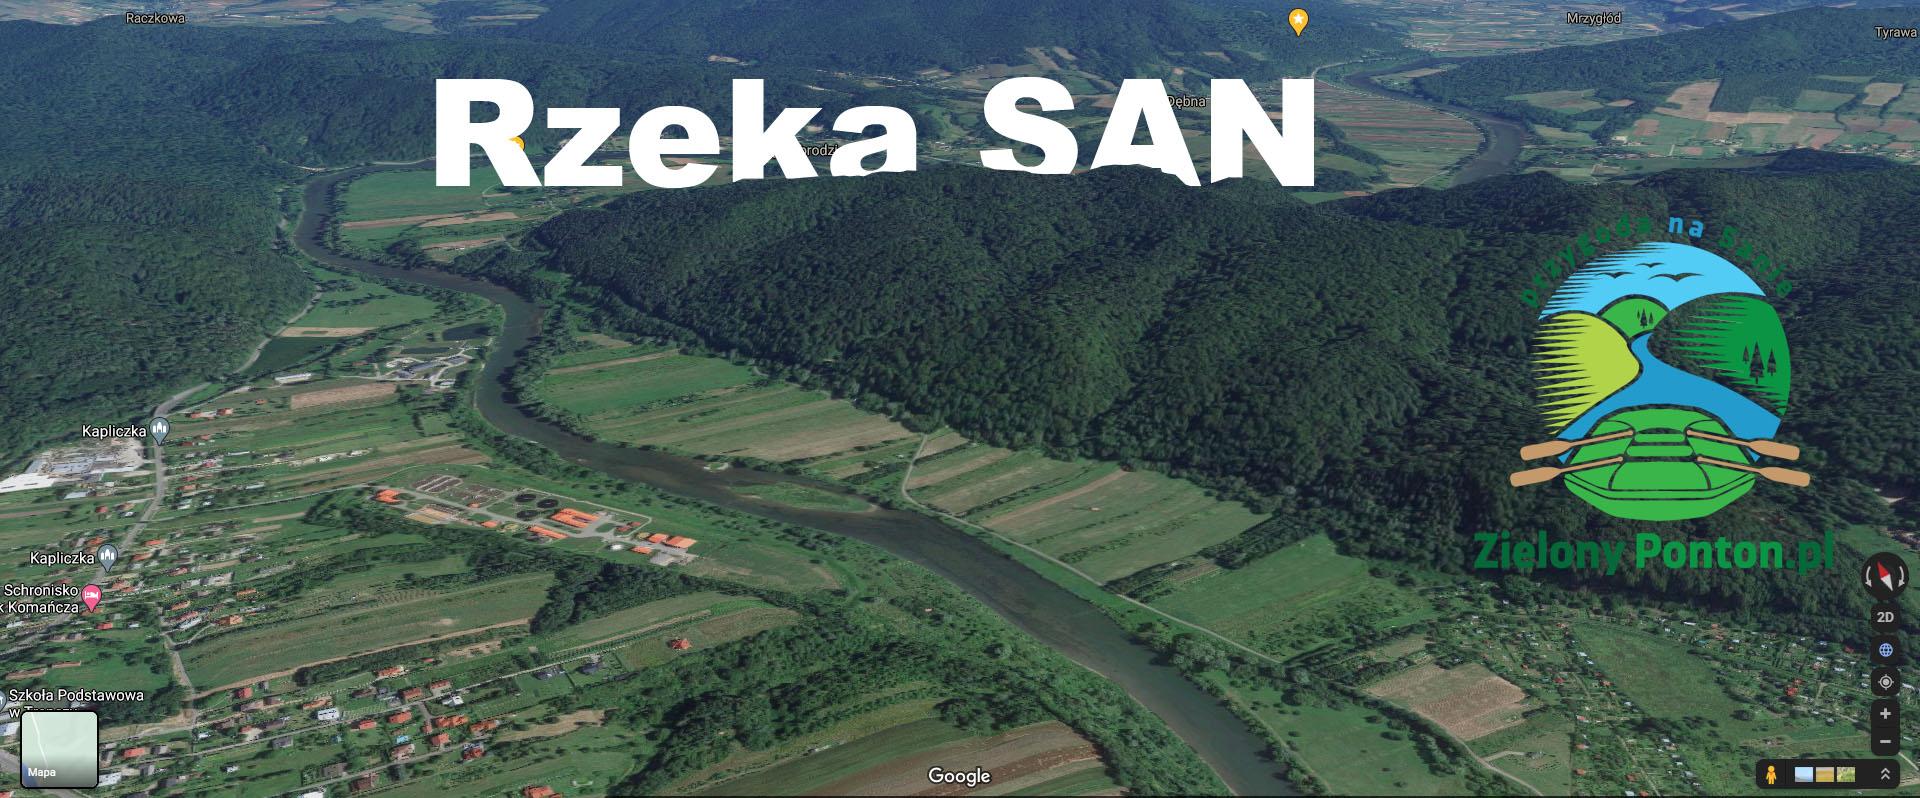 Spływy Sanem - ciekawostki o rzece.